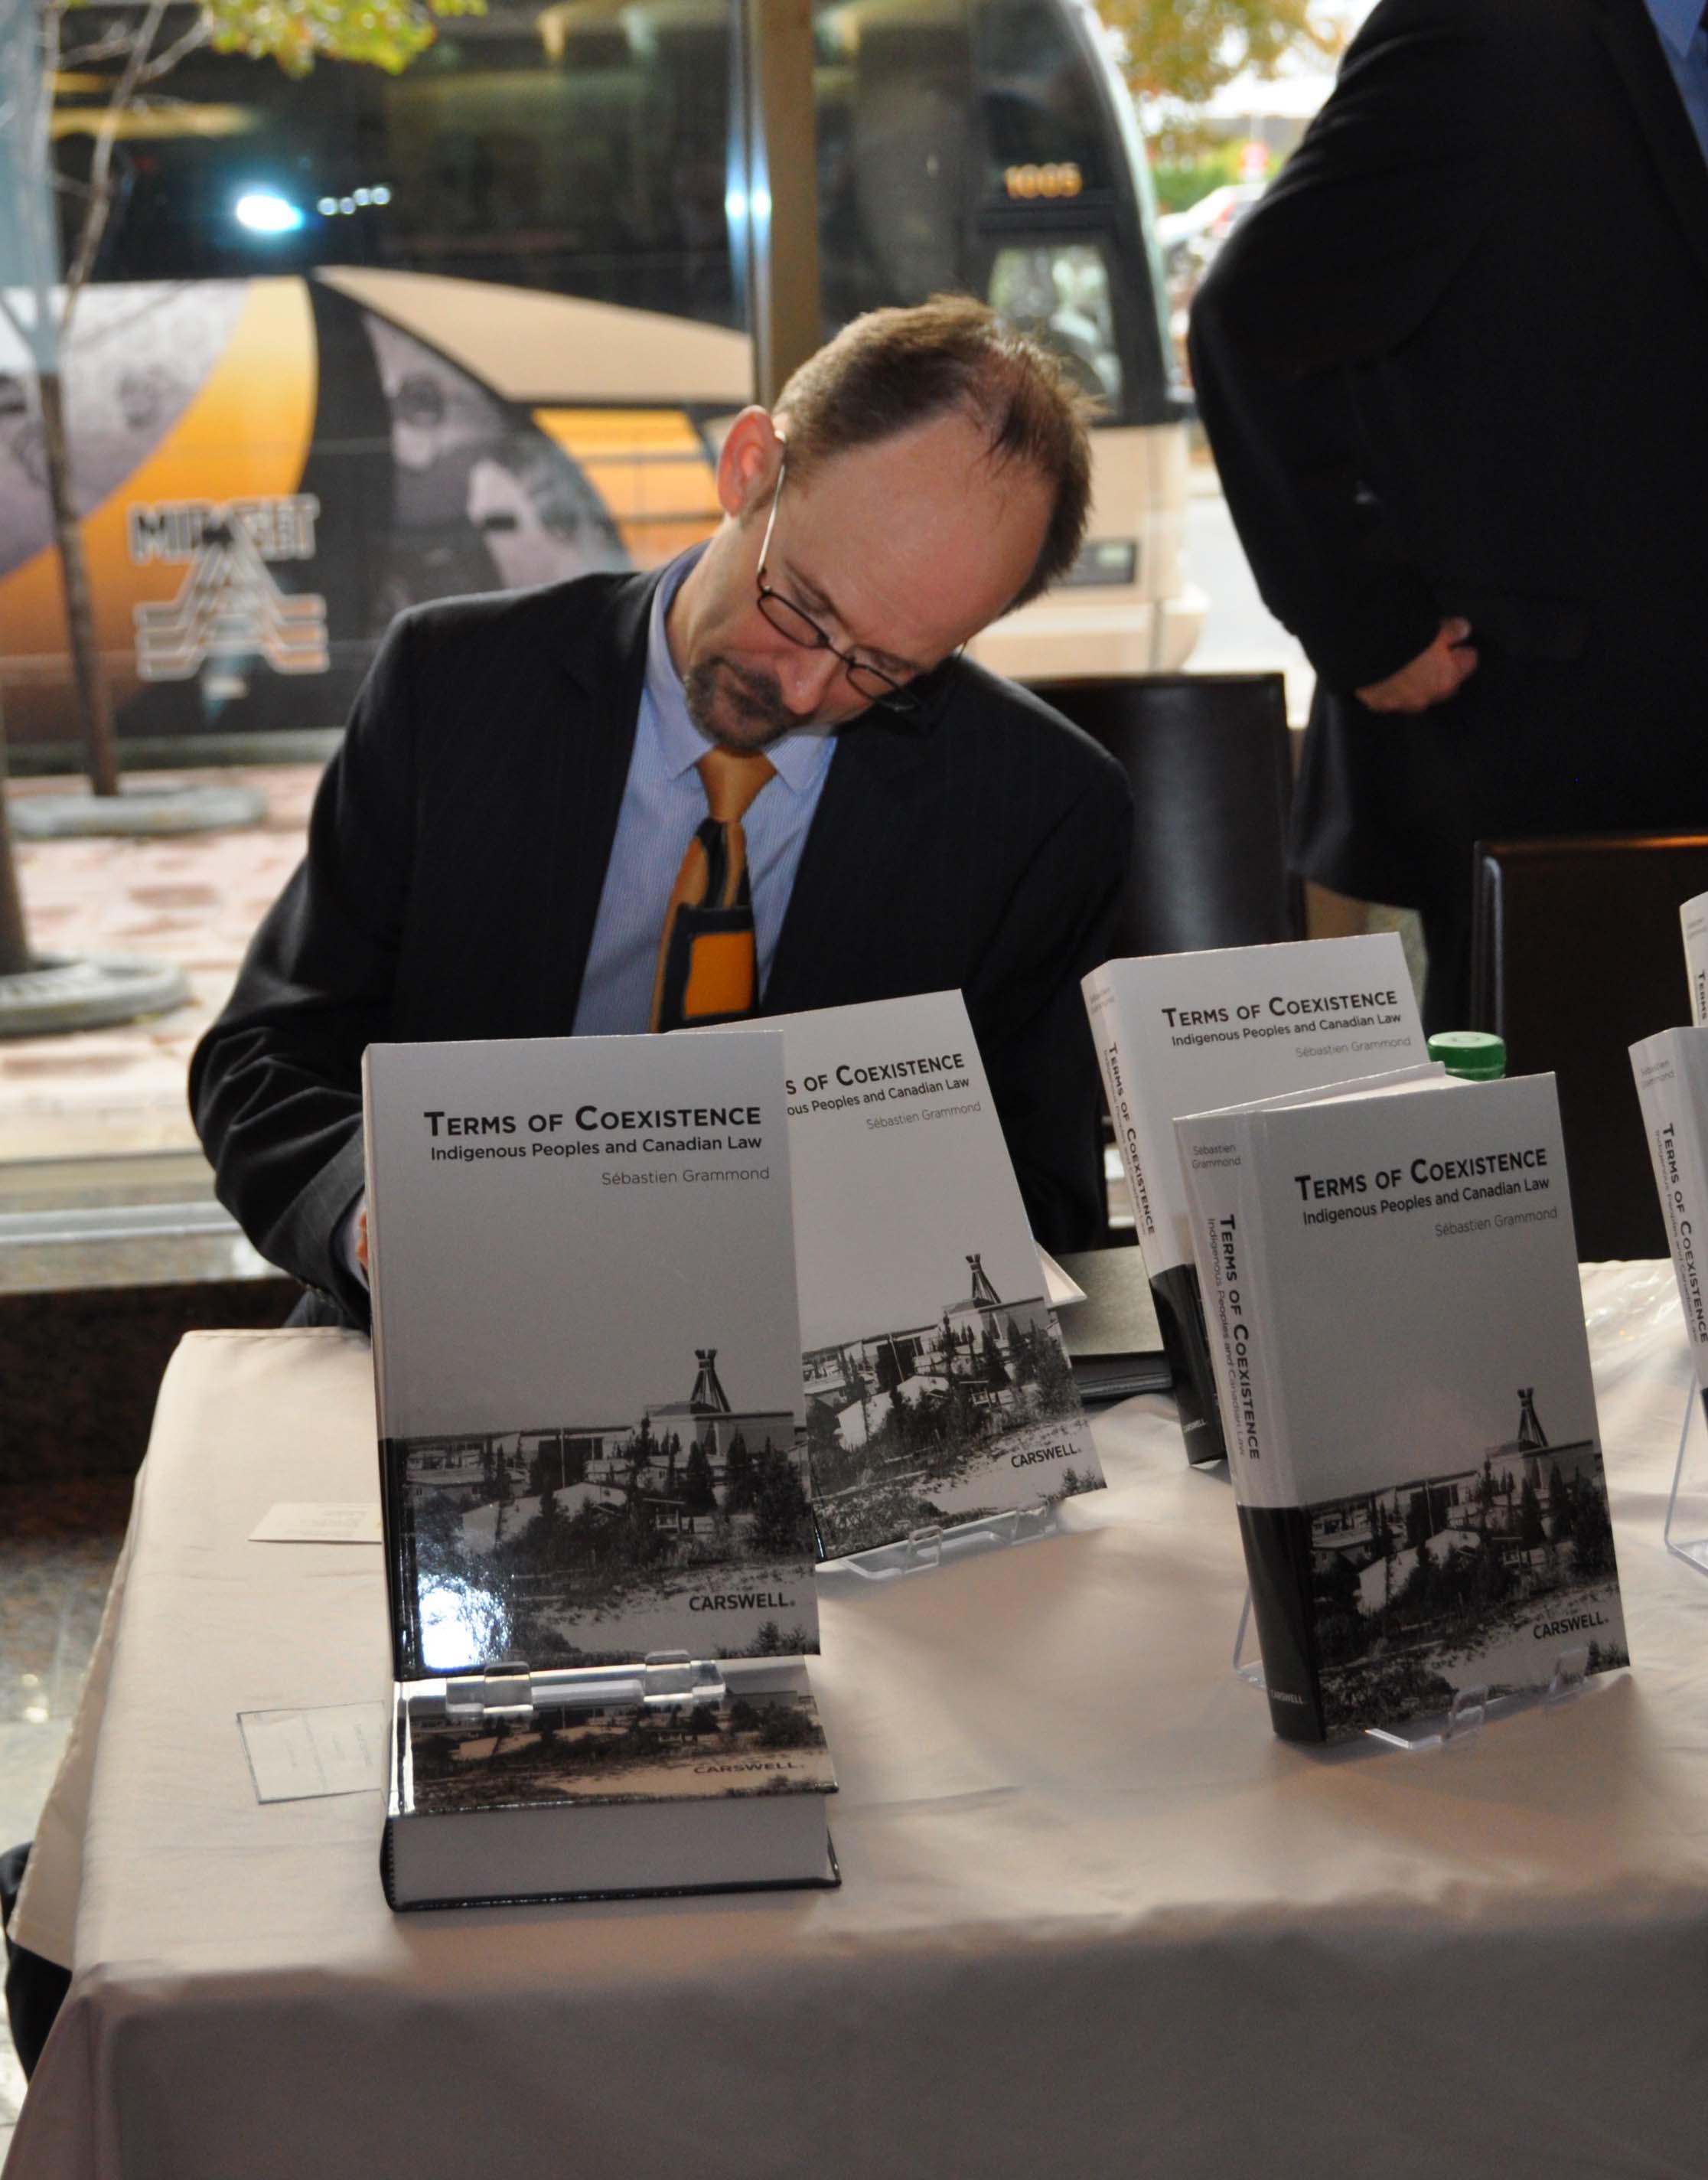 Le doyen Grammond signe une copie de son ouvrage pour un collègue.